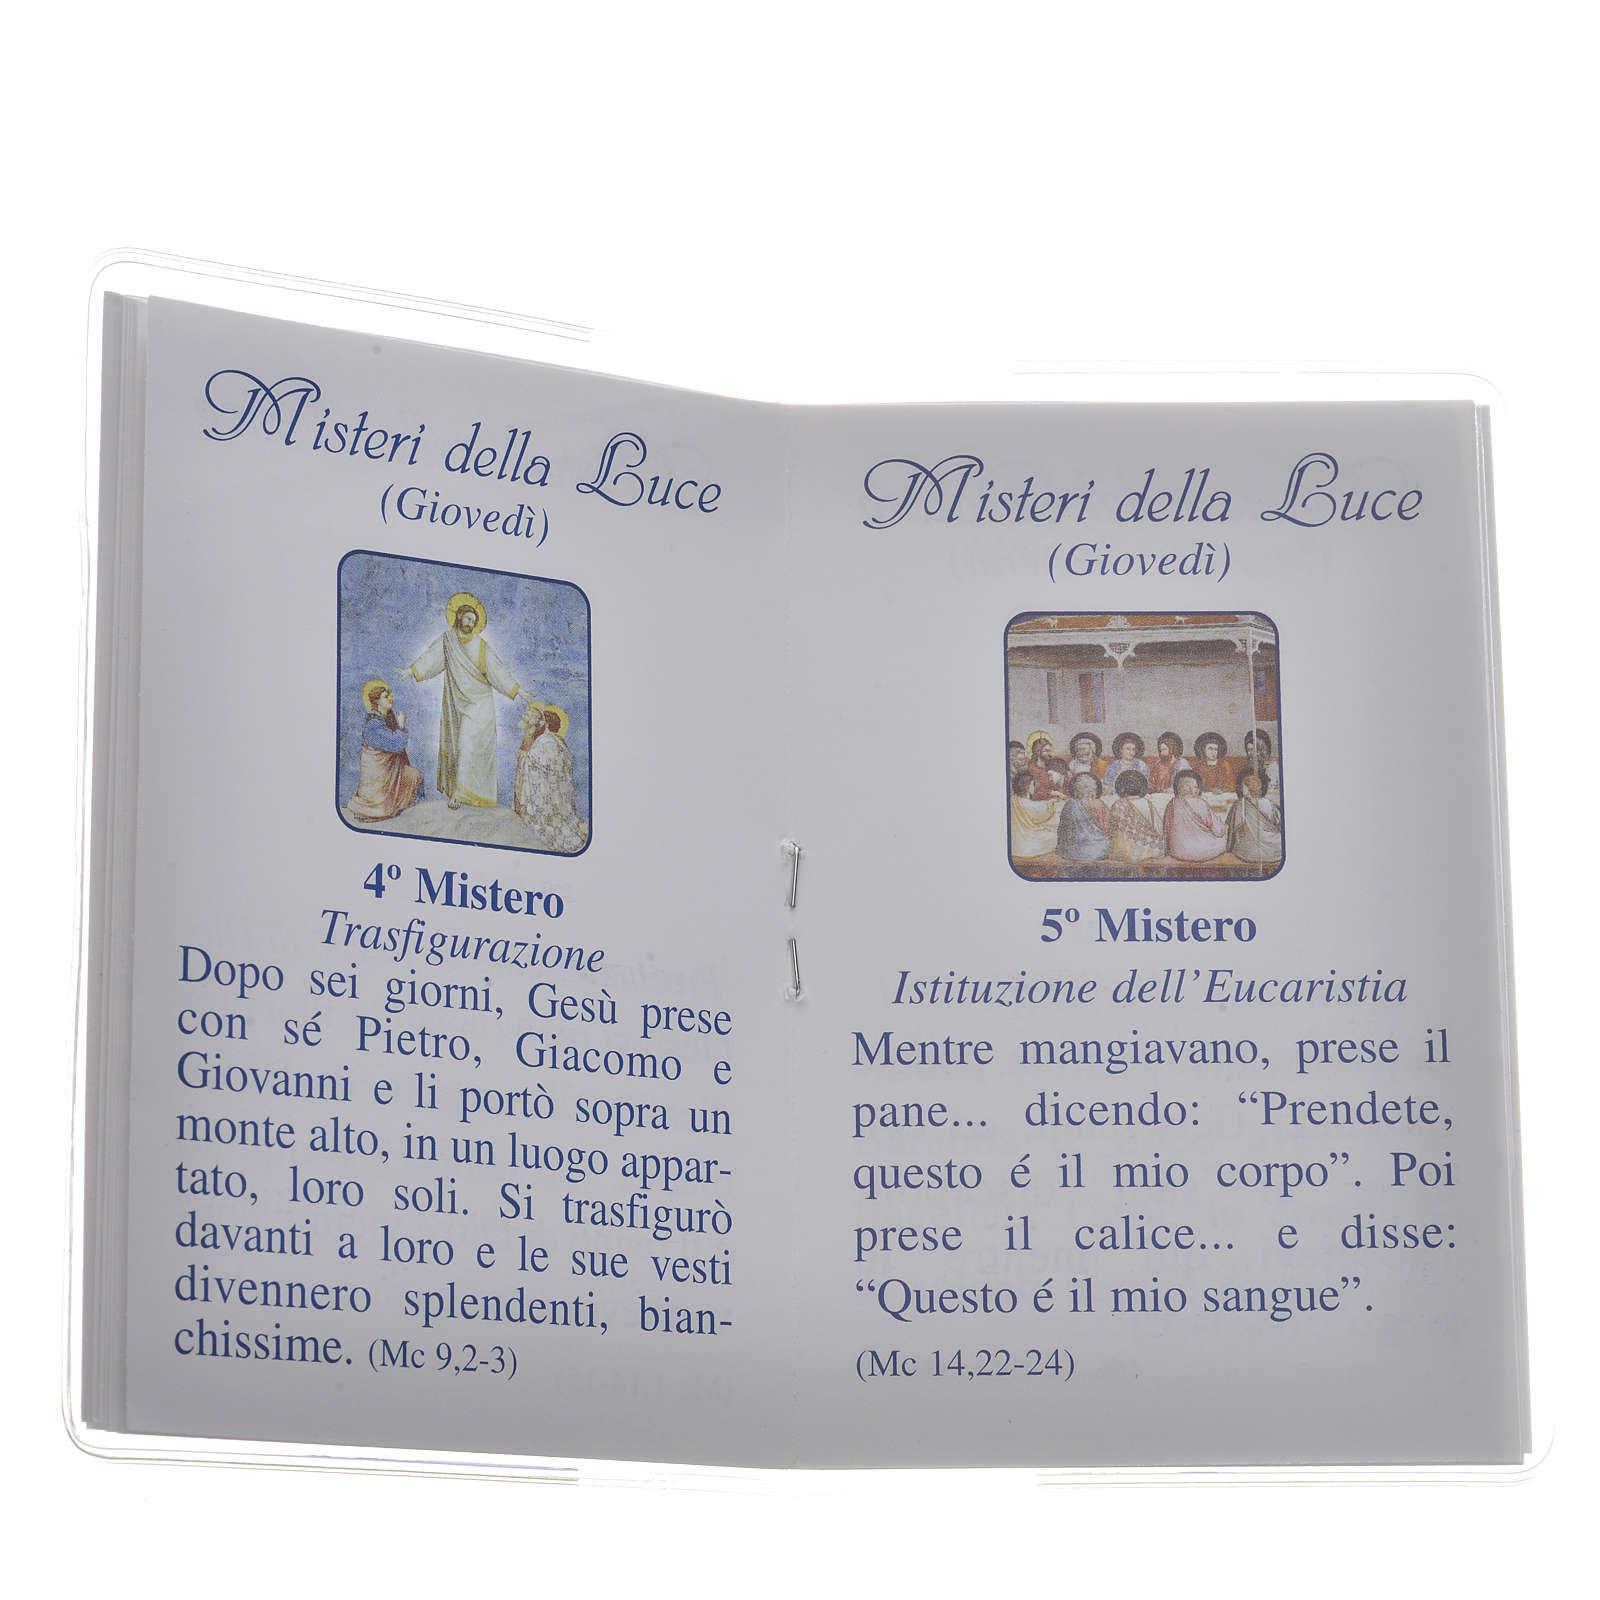 Rosary Leaflet St John Paul II image 6,5x9,5cm 4